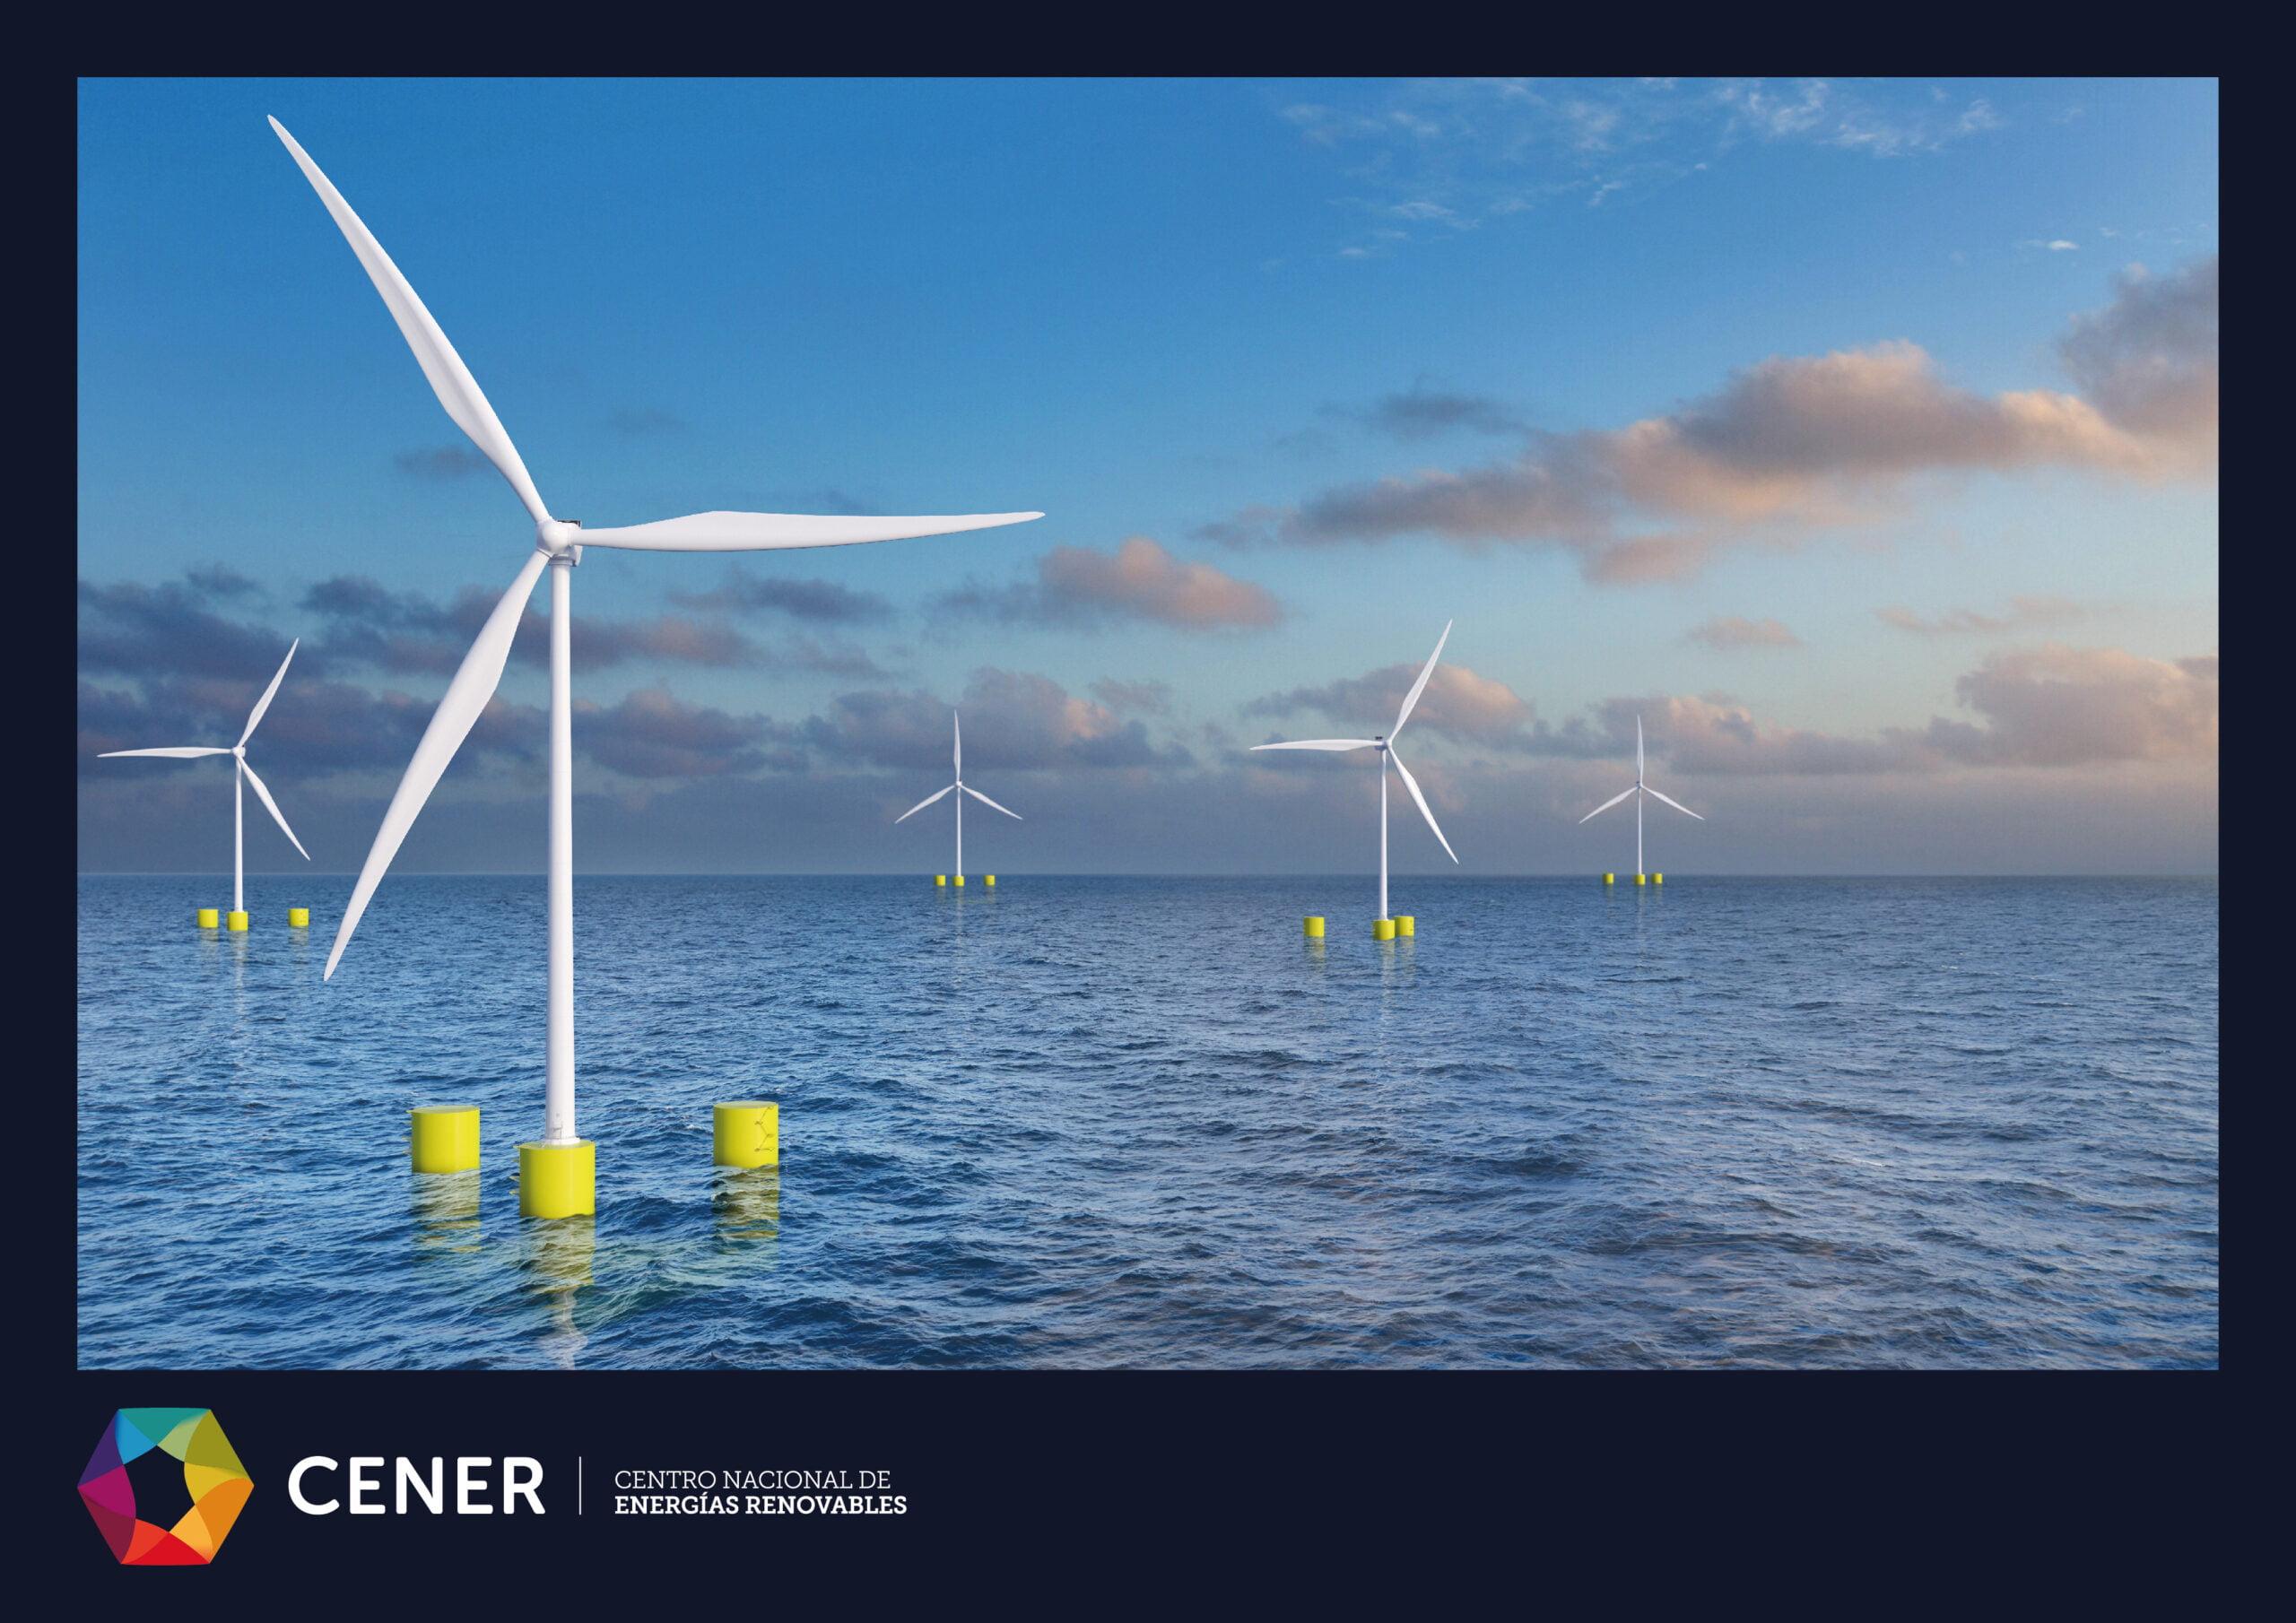 Desarrollo de energía eólica marina por parte de CENER